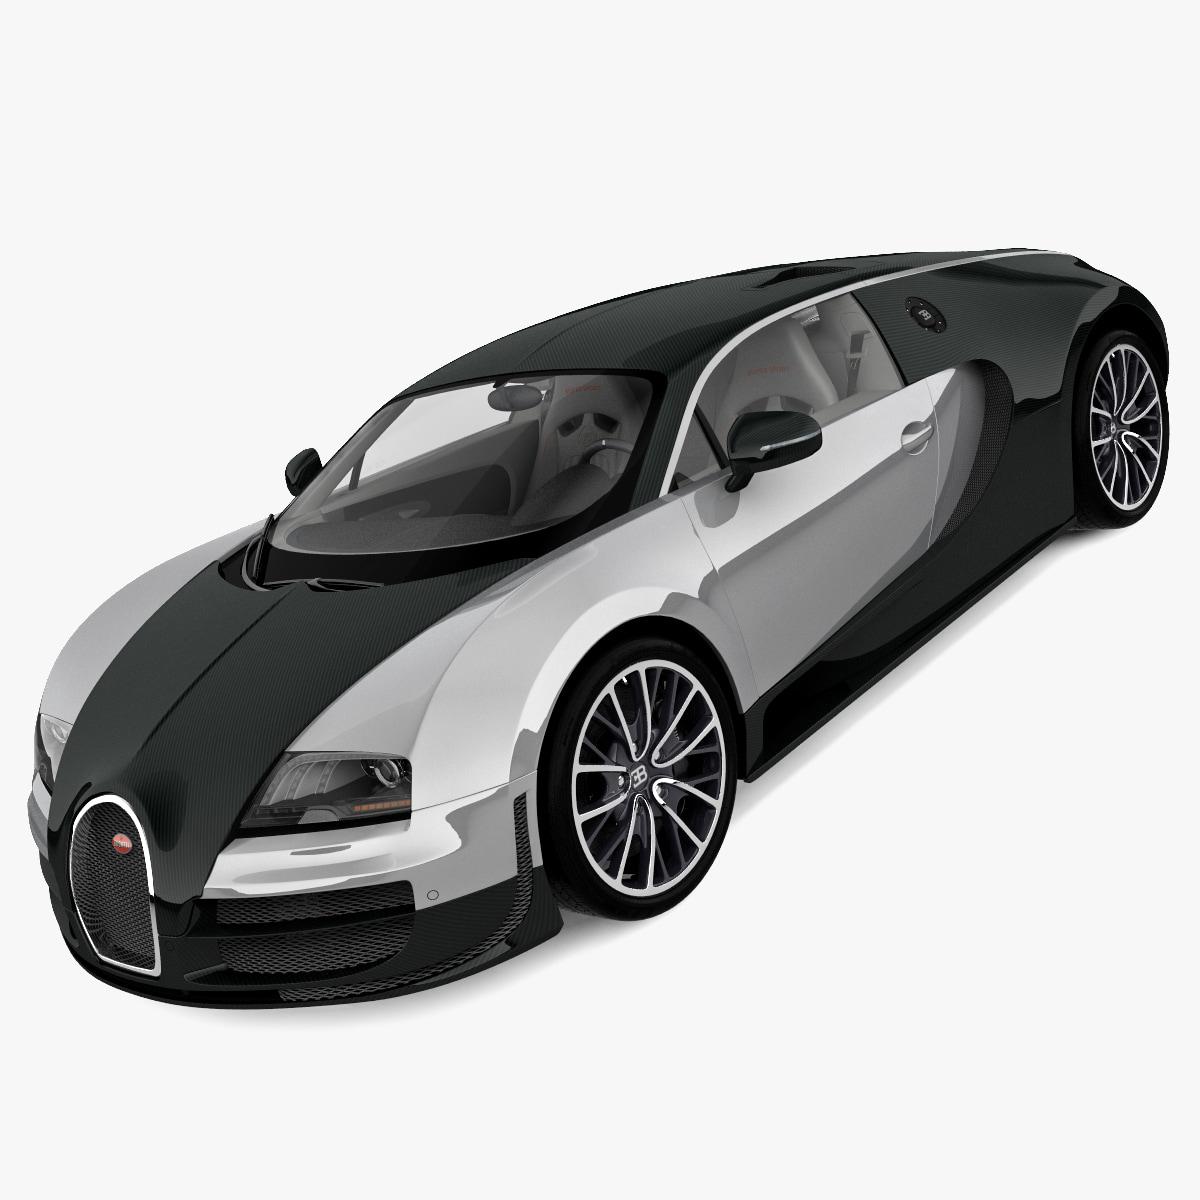 Bugatti_Veyron_00.jpg